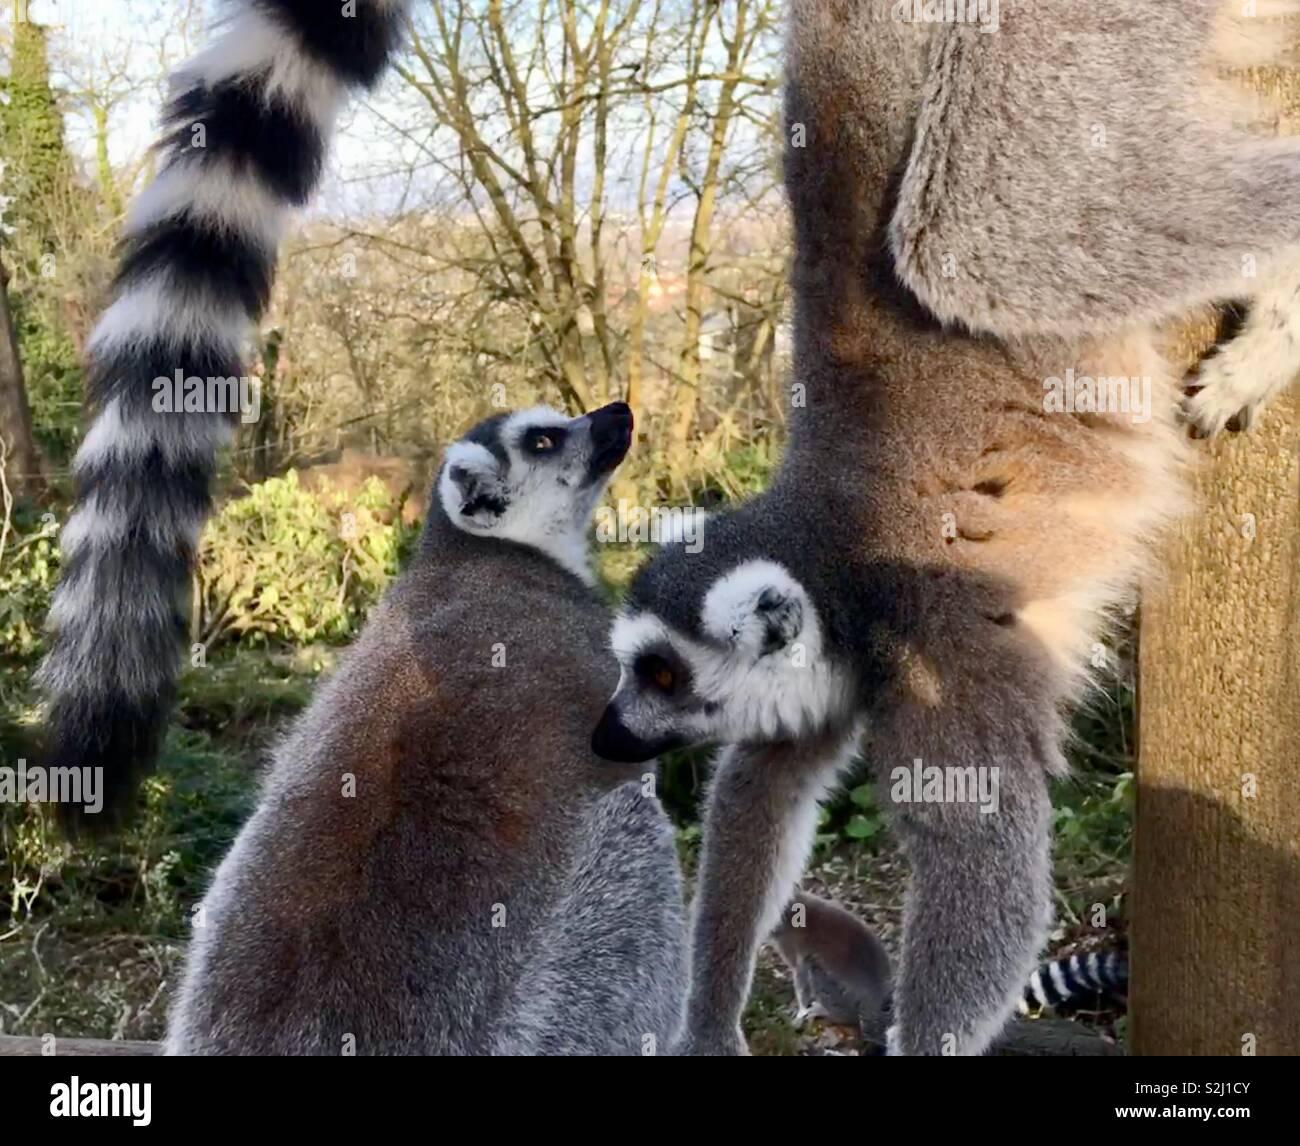 Two Madagascan Lemurs playing - Stock Image